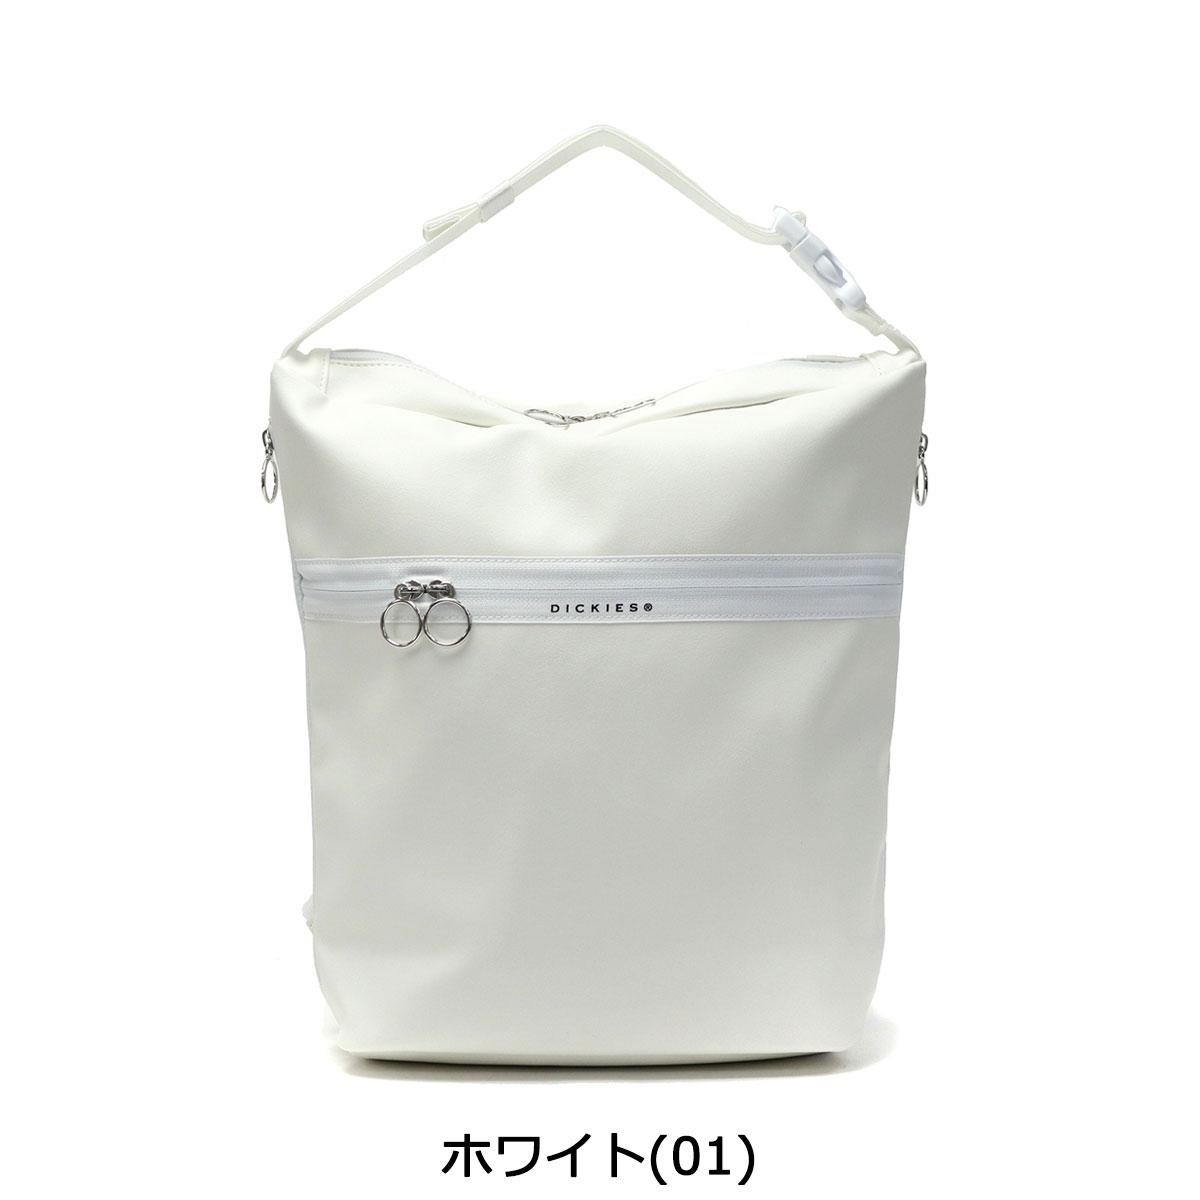 日本Galleria  /  Dickies SYNTHETIC LEATHER 2WAY BAG 休閒後背包  /  dic0031  /  日本必買 日本樂天直送(6490) /  件件含運 1